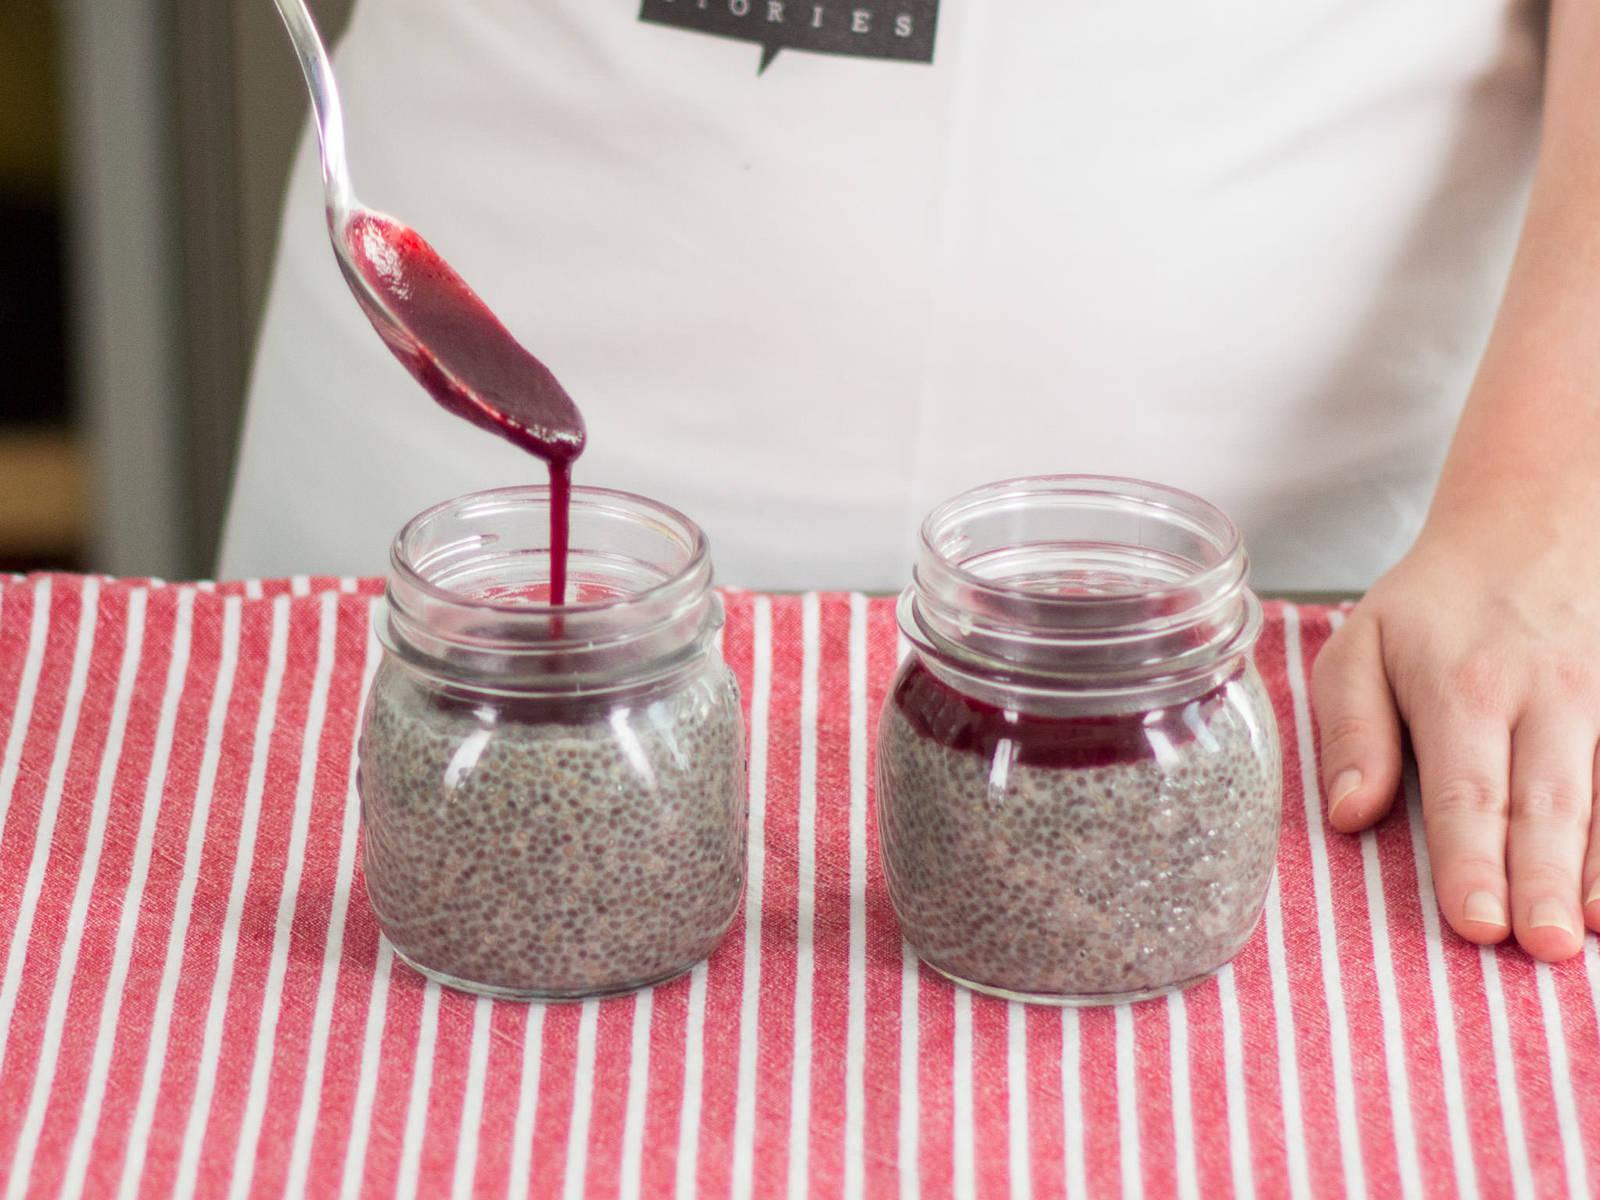 用勺子往布丁上淋上一层薄薄的浆果沙司。